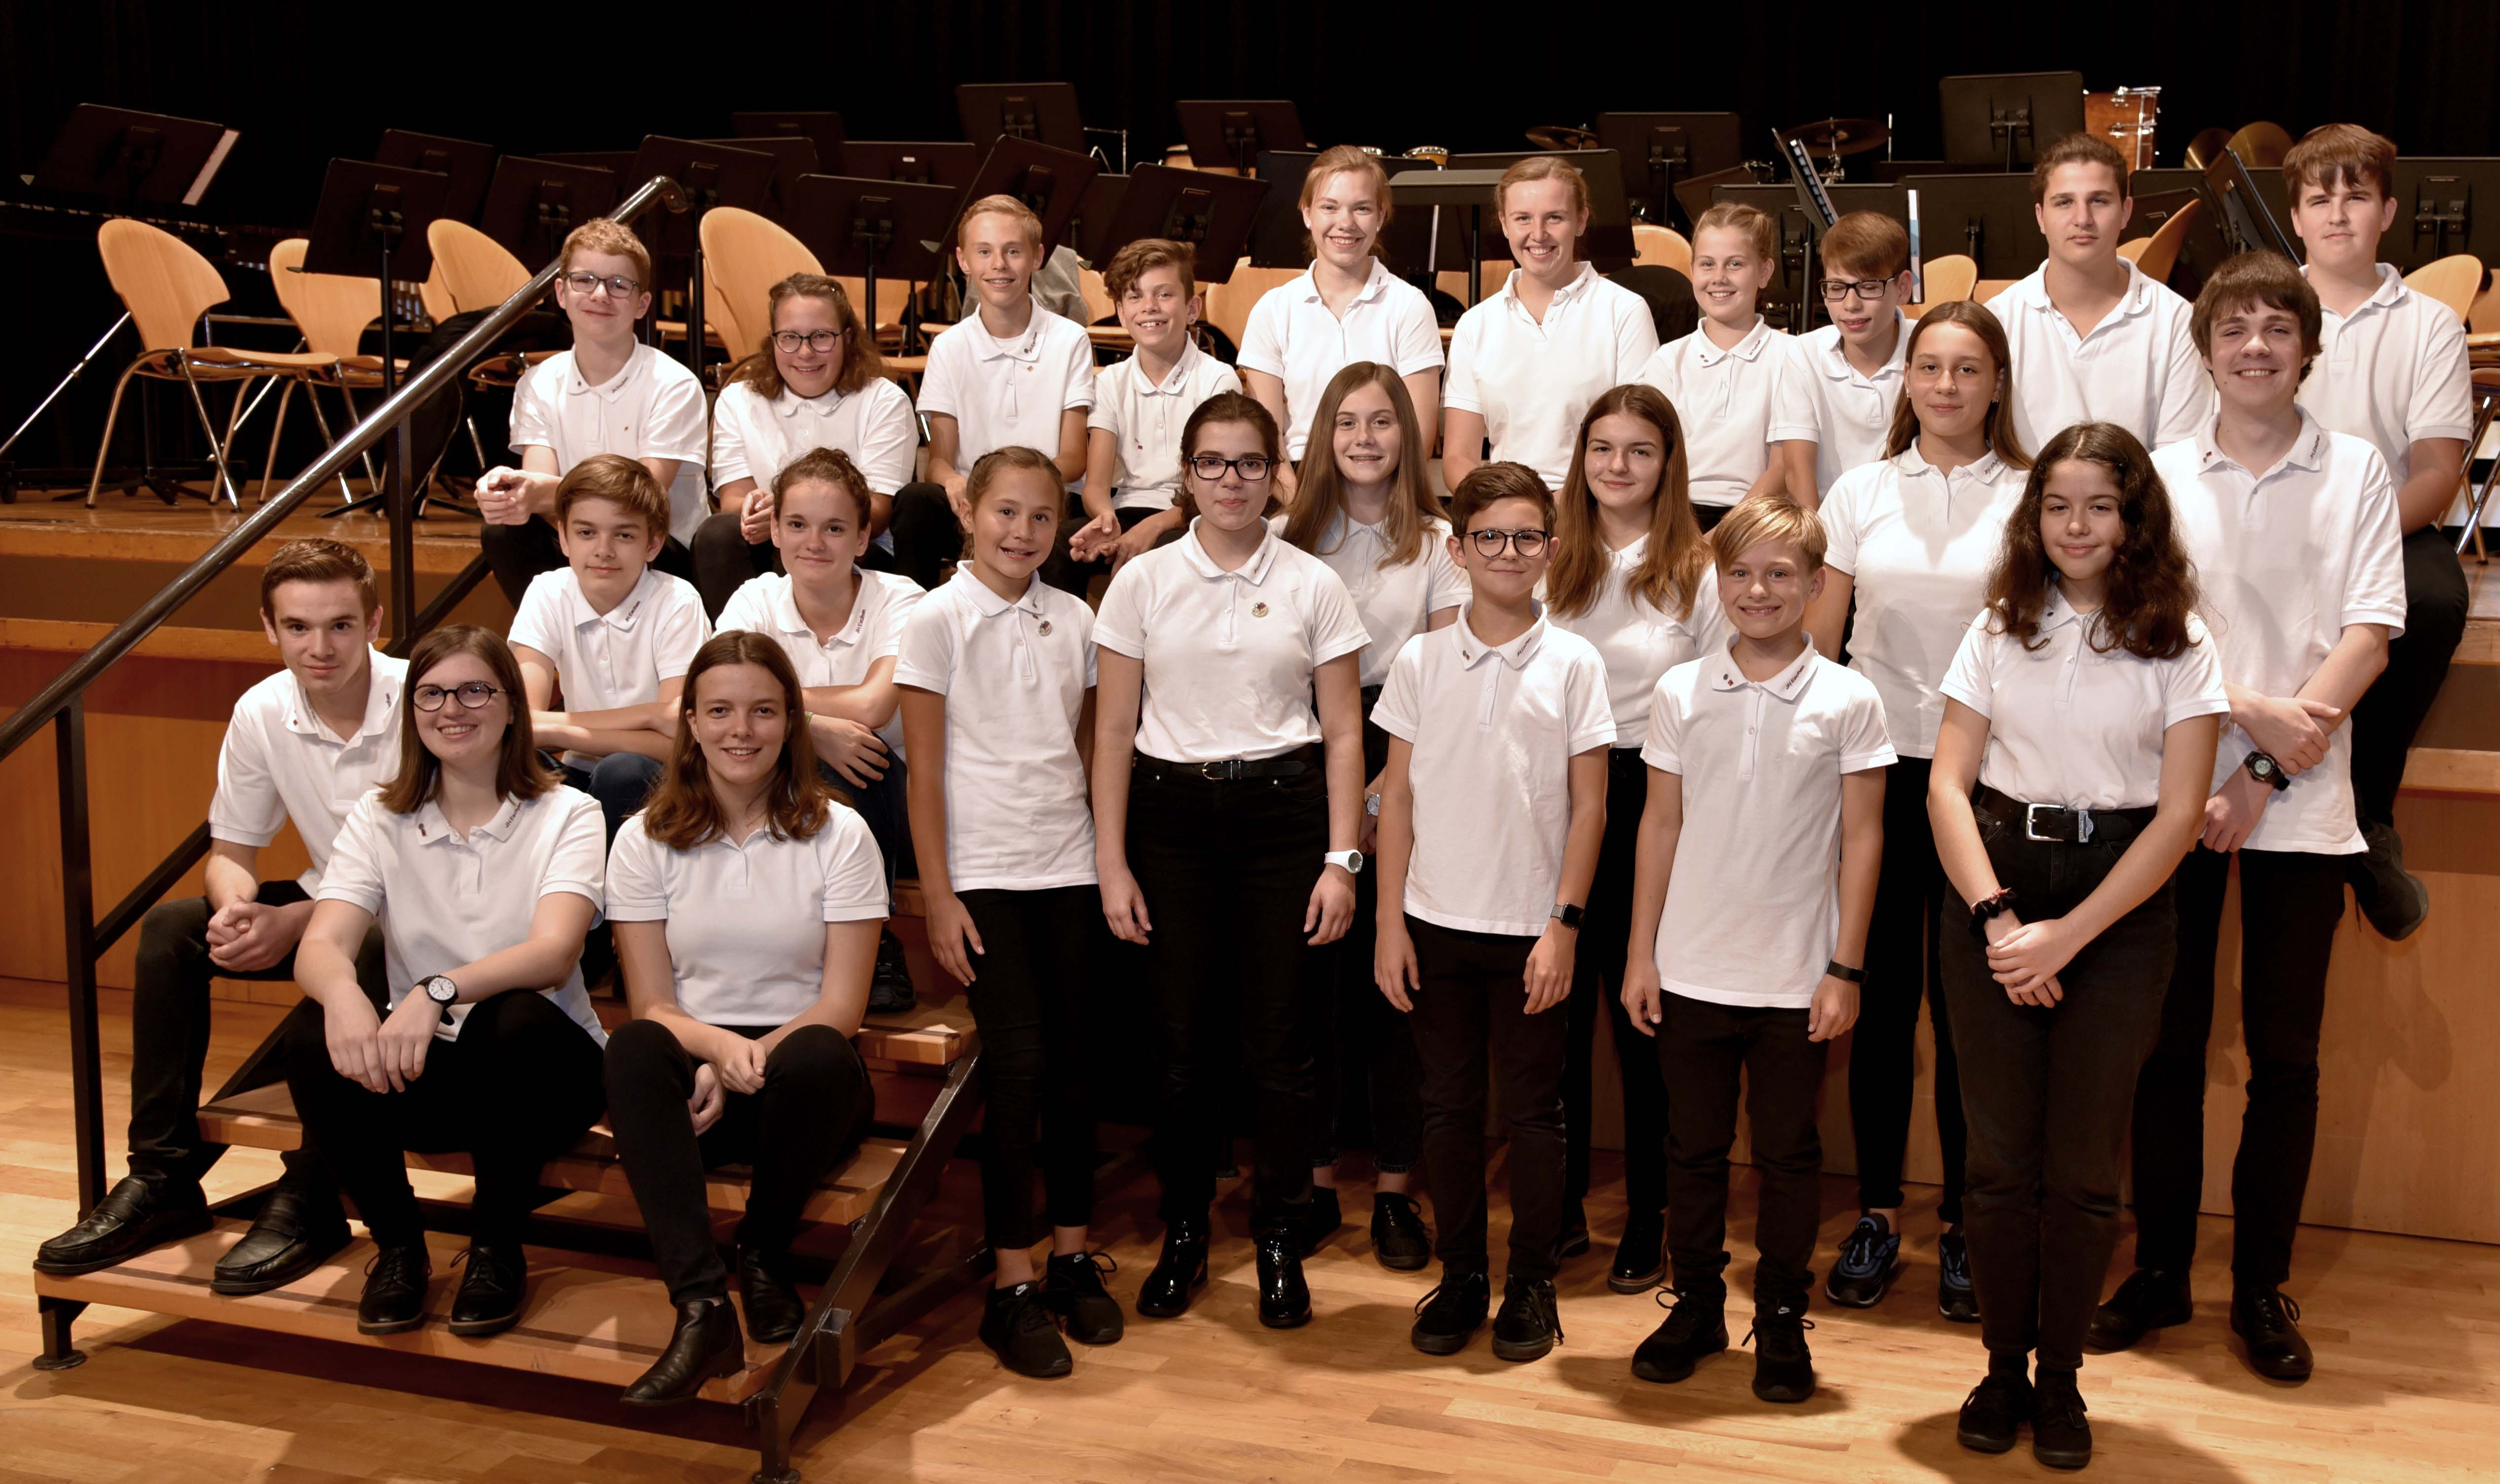 Jugendharmonie JHE in ihrer Uniform